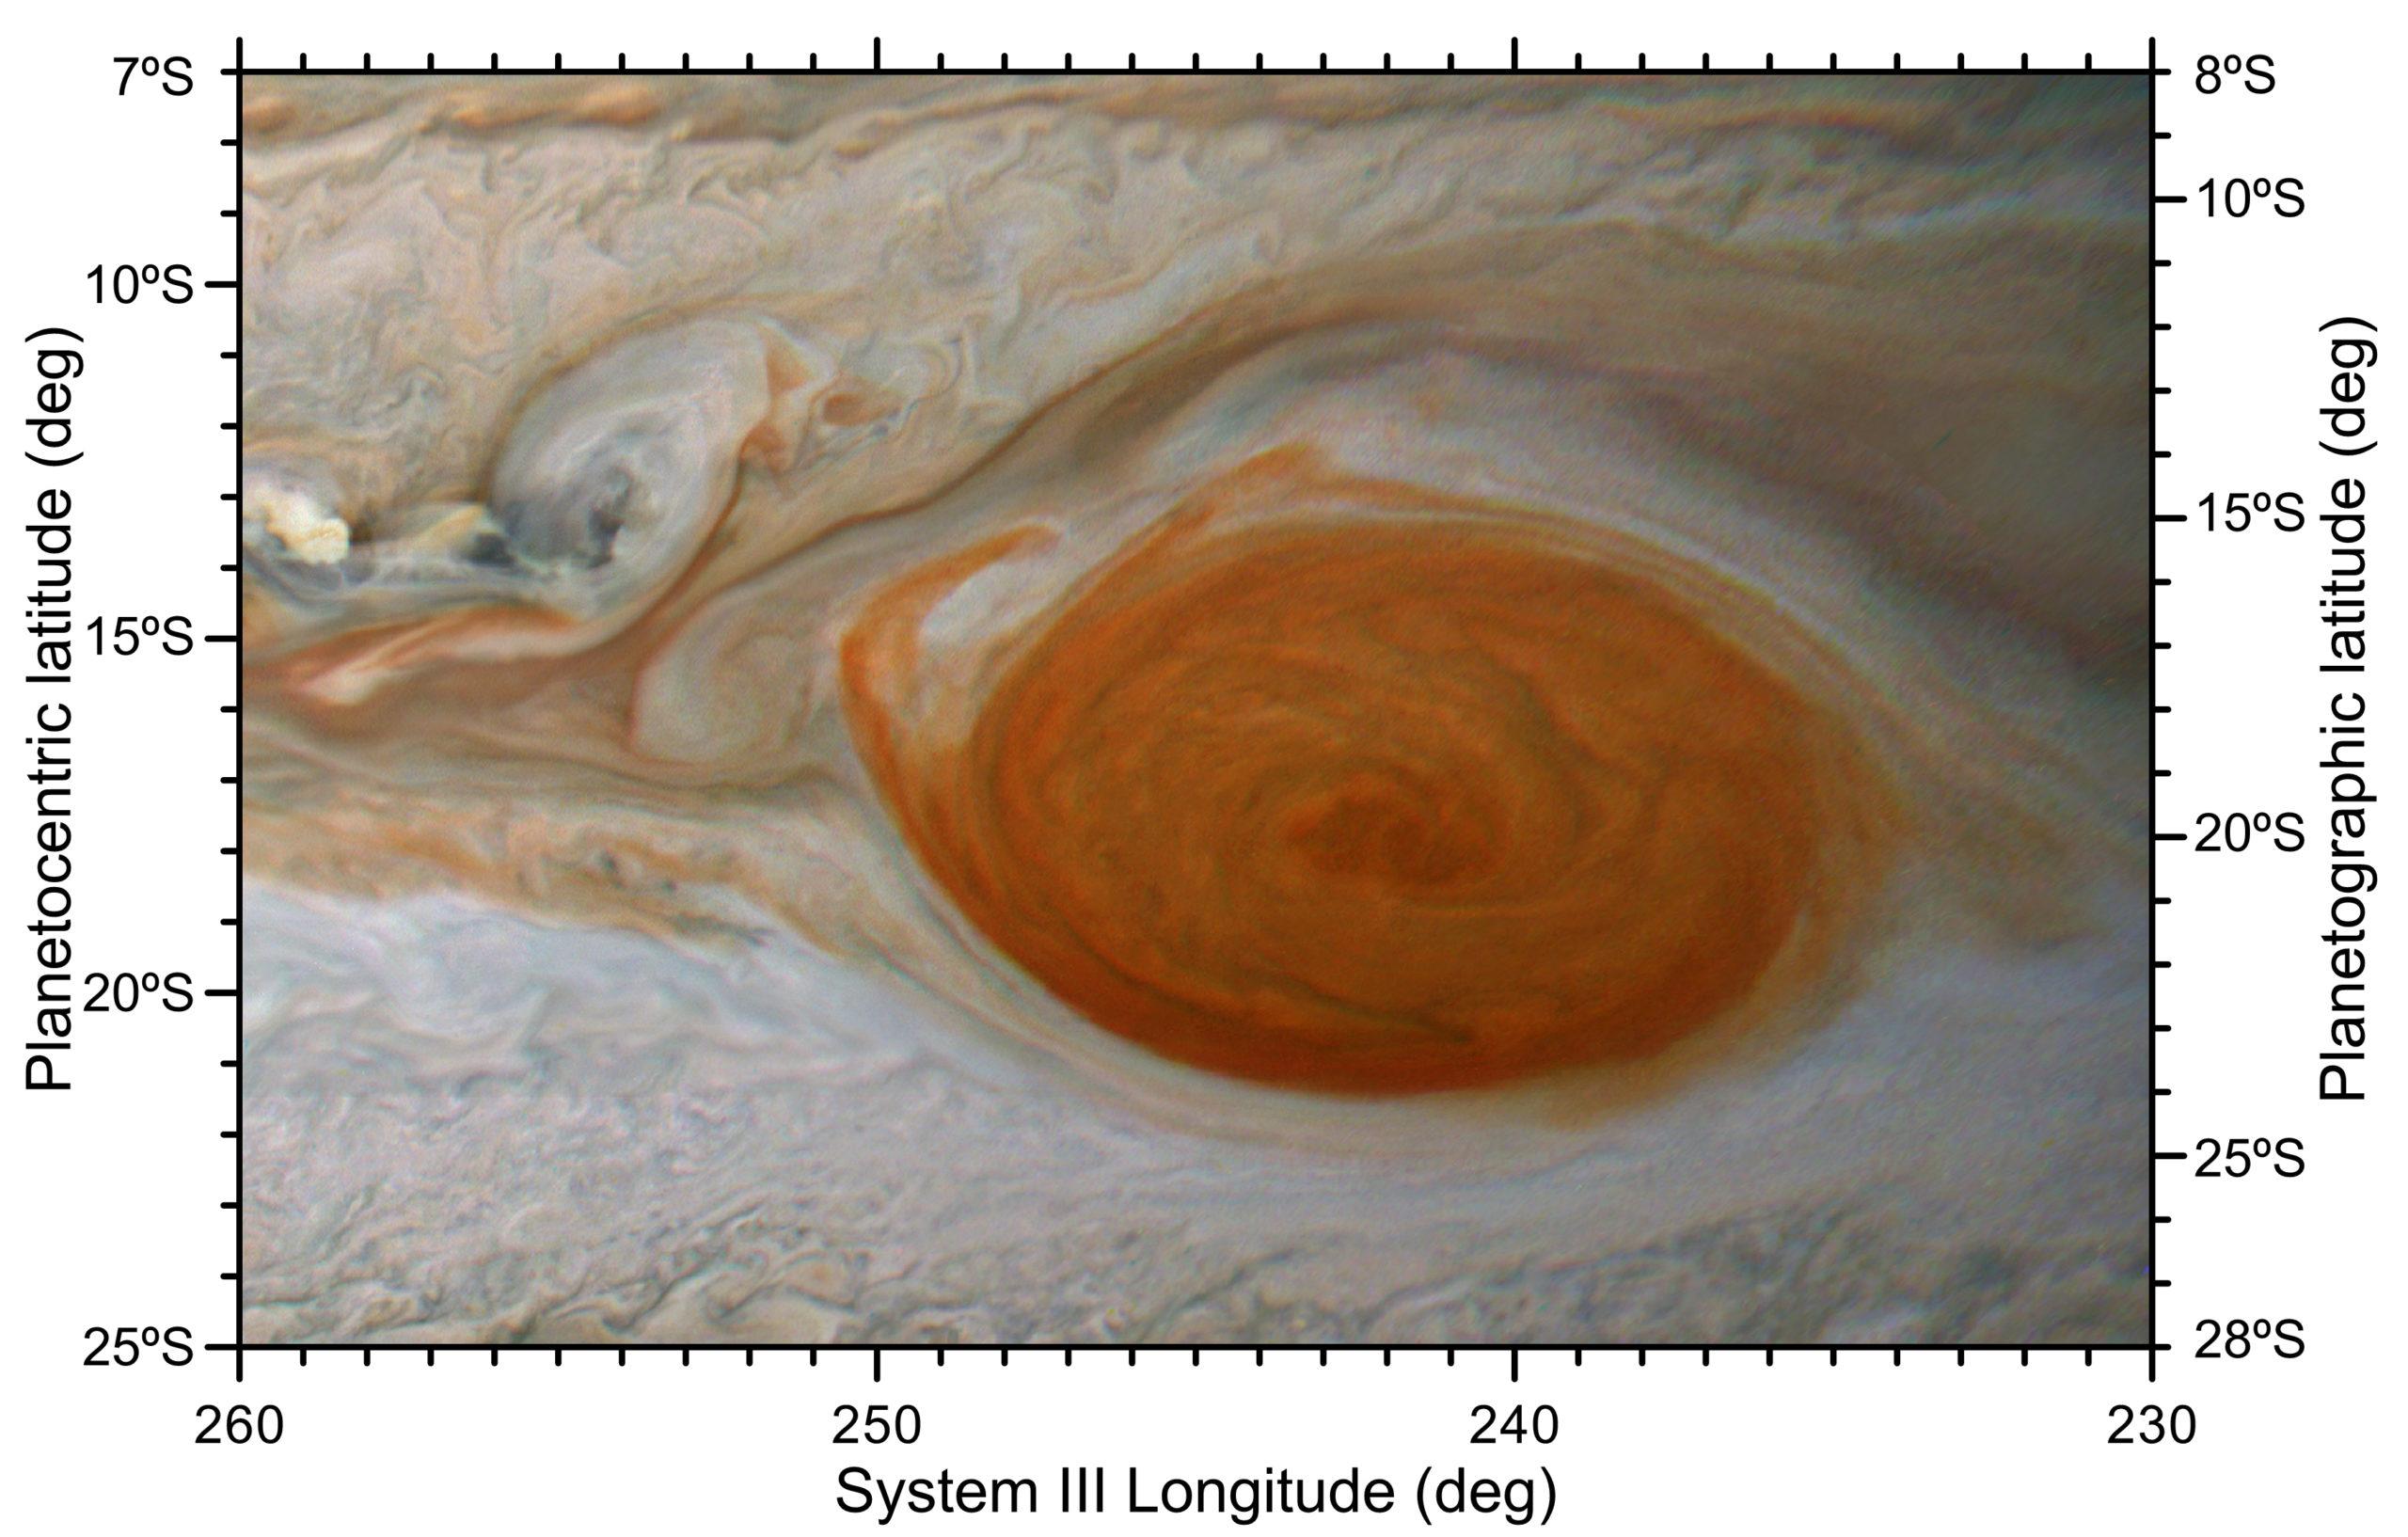 Un flocon de rouge s'écaille de la grande tache rouge de Jupiter lors d'une rencontre avec un anticyclone plus petit, comme le montre la JunoCam haute résolution du vaisseau spatial Juno le 12 février 2019. Bien que les collisions semblent violentes, les scientifiques planétaires pensent qu'il s'agit principalement d'effets de surface.